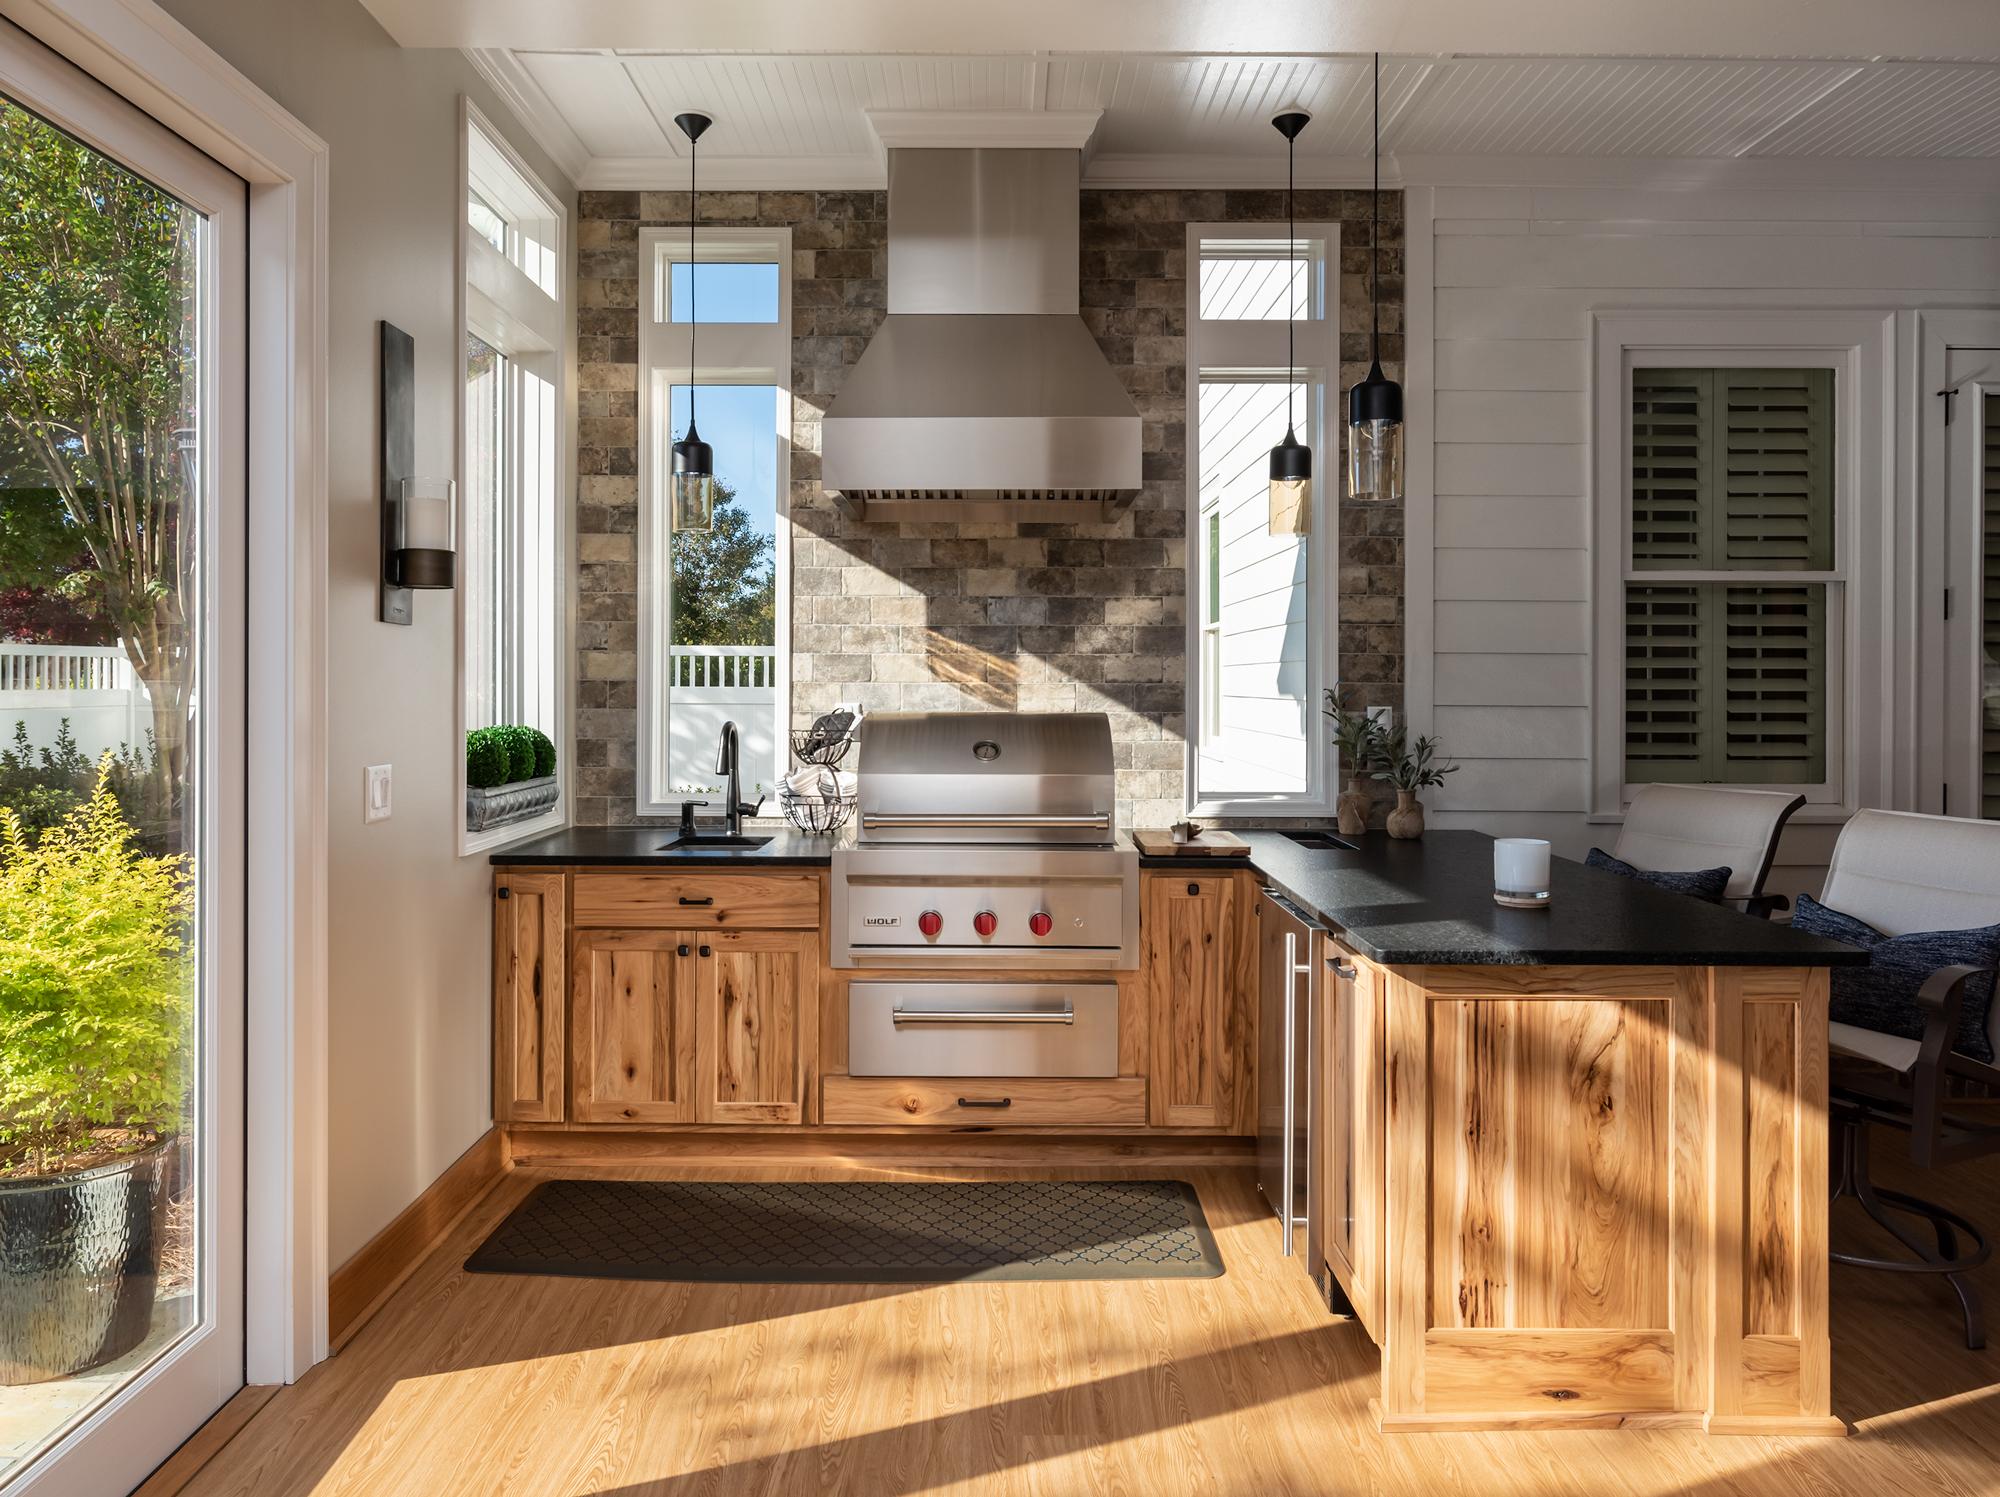 Indoor Outdoor Kitchen and Bar